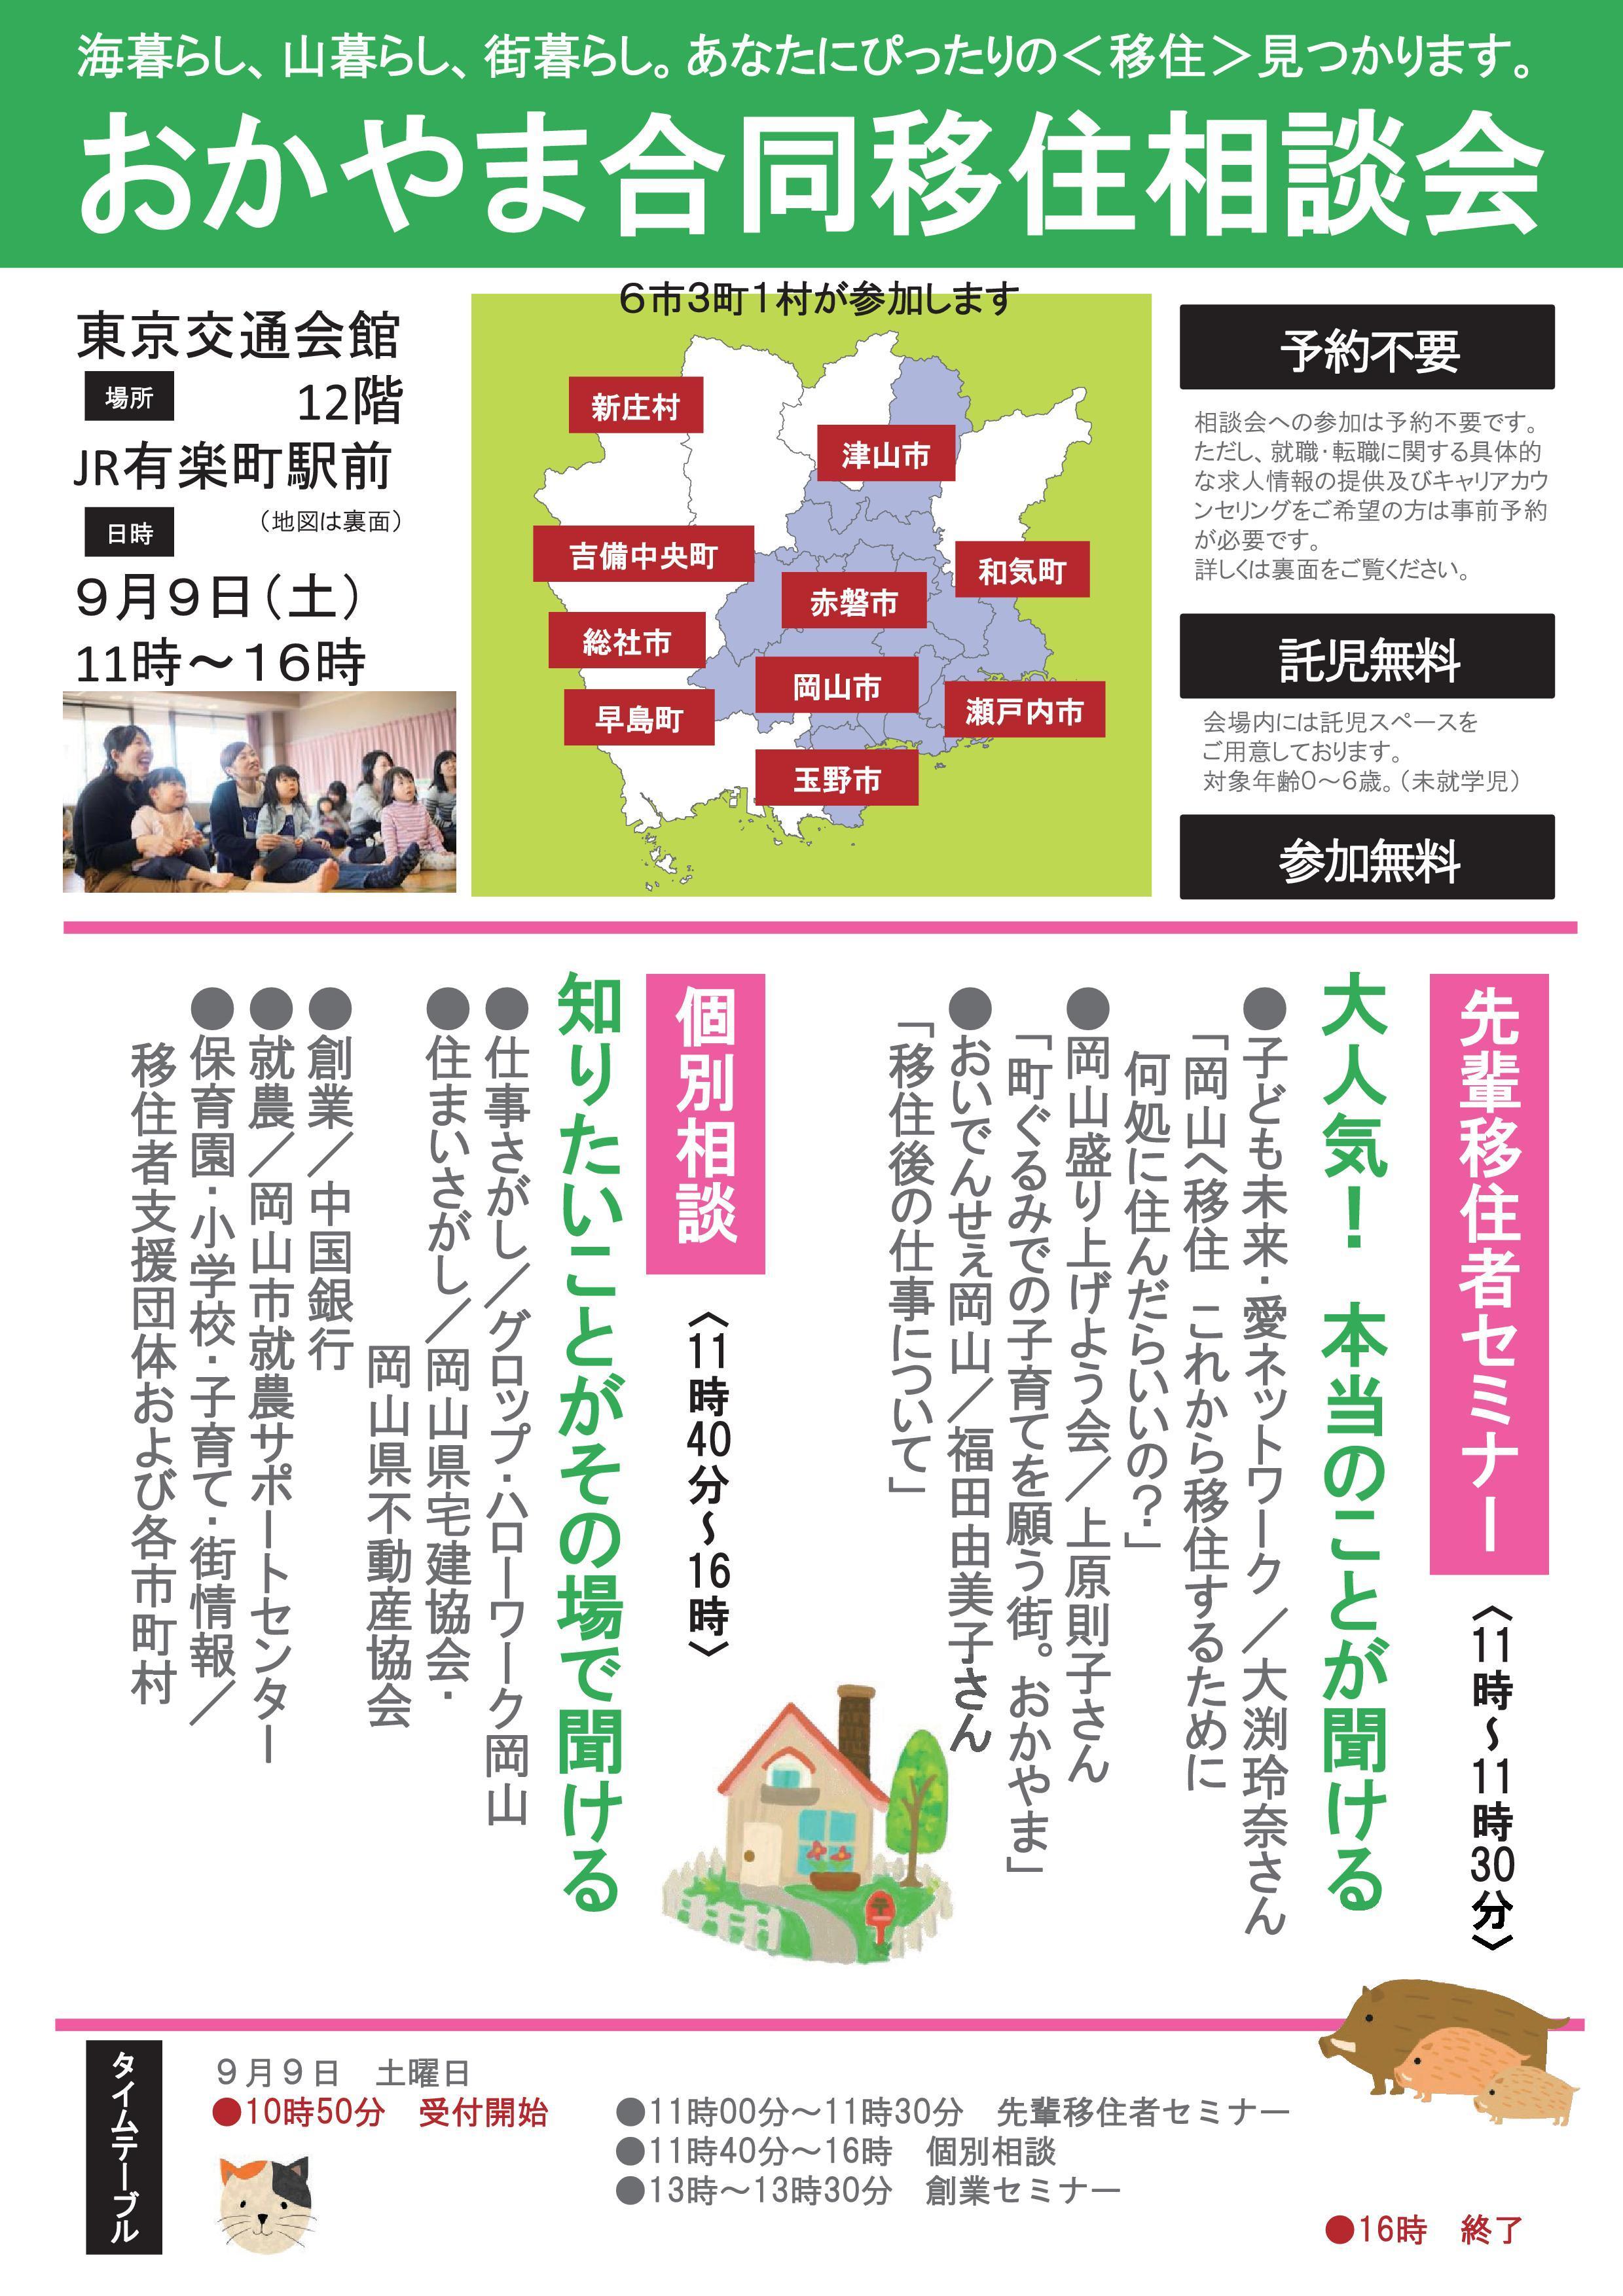 2017年9月9日(土)おかやま合同移住相談会に津山市も参加します。